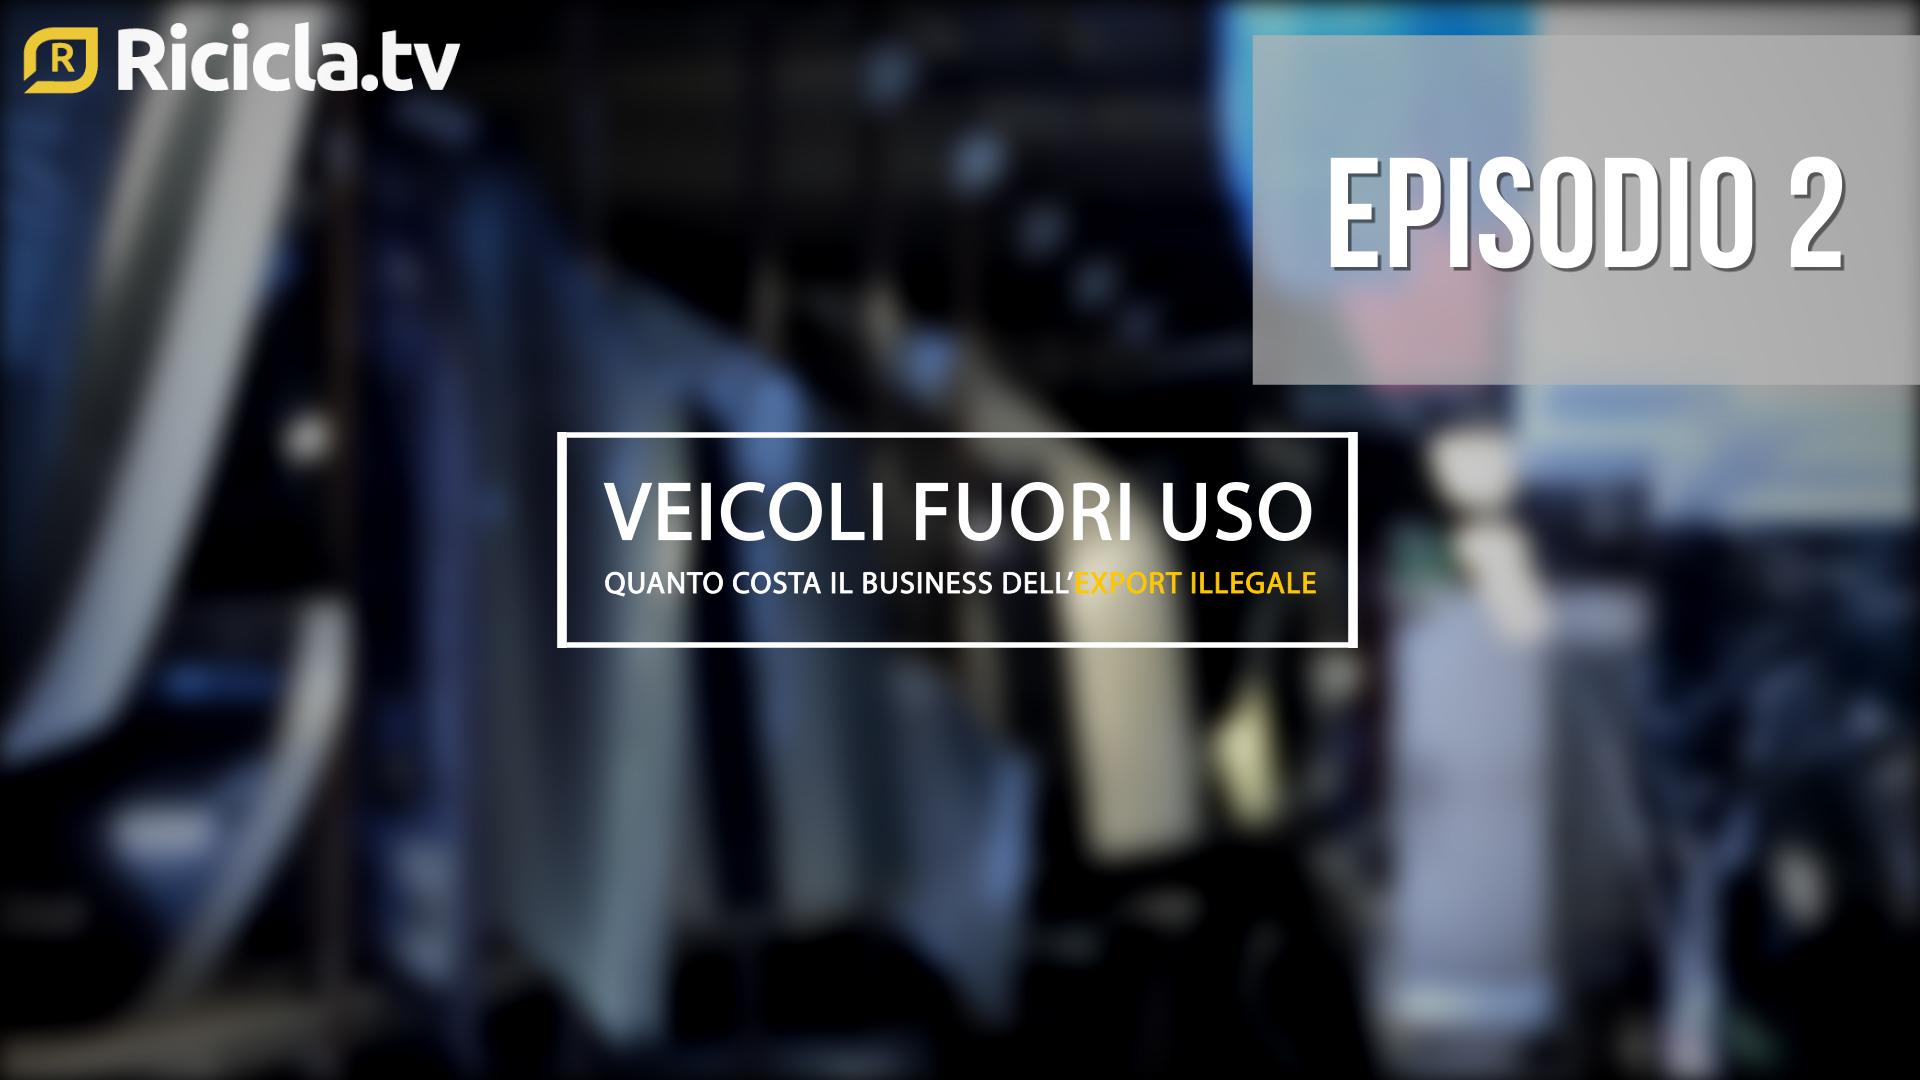 VEICOLI A FINE VITA, QUANTO COSTA IL BUSINESS DELL'EXPORT ILLEGALE